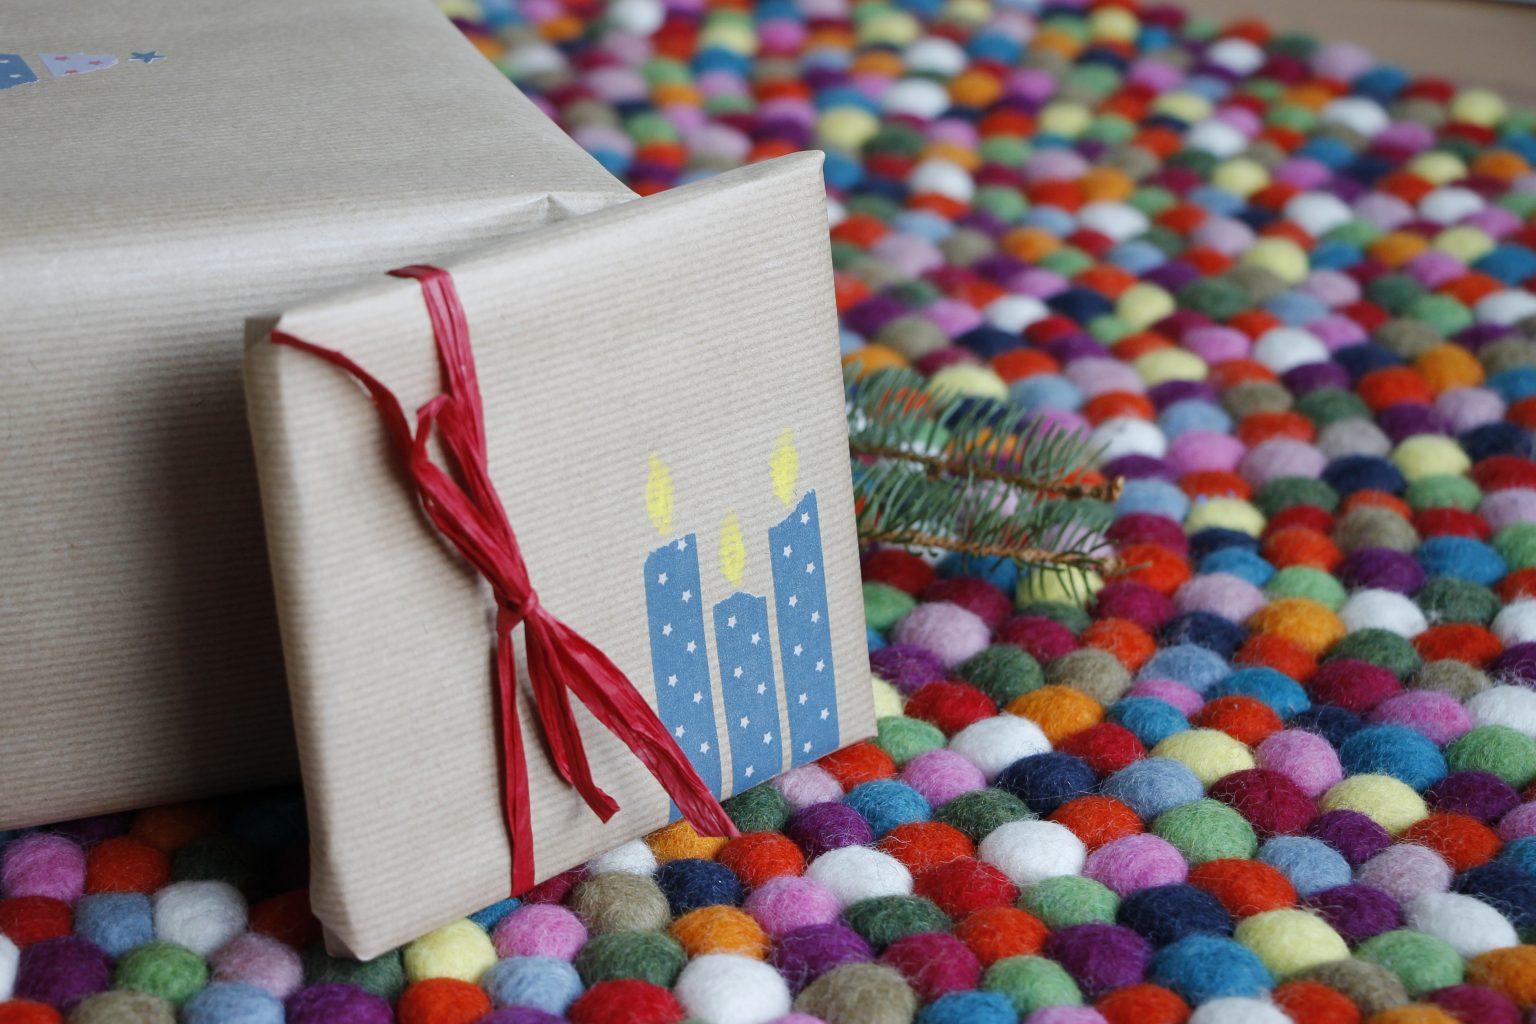 Geschenke verpacken mit Washi-Tape